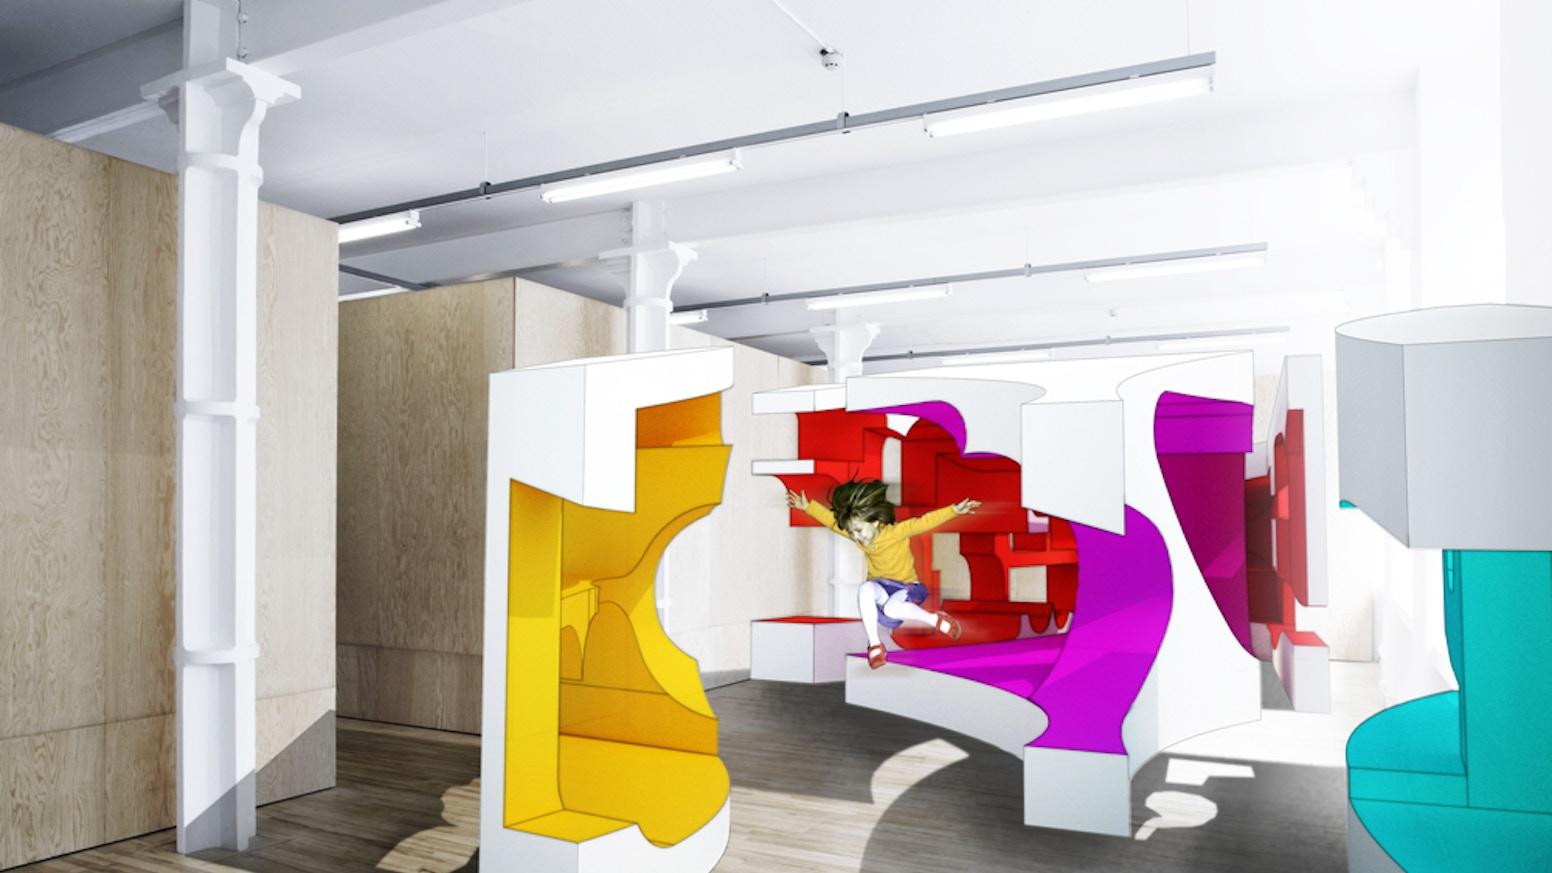 Hefner Beuys House By Jimenez Lai By Jimenez Lai Kickstarter